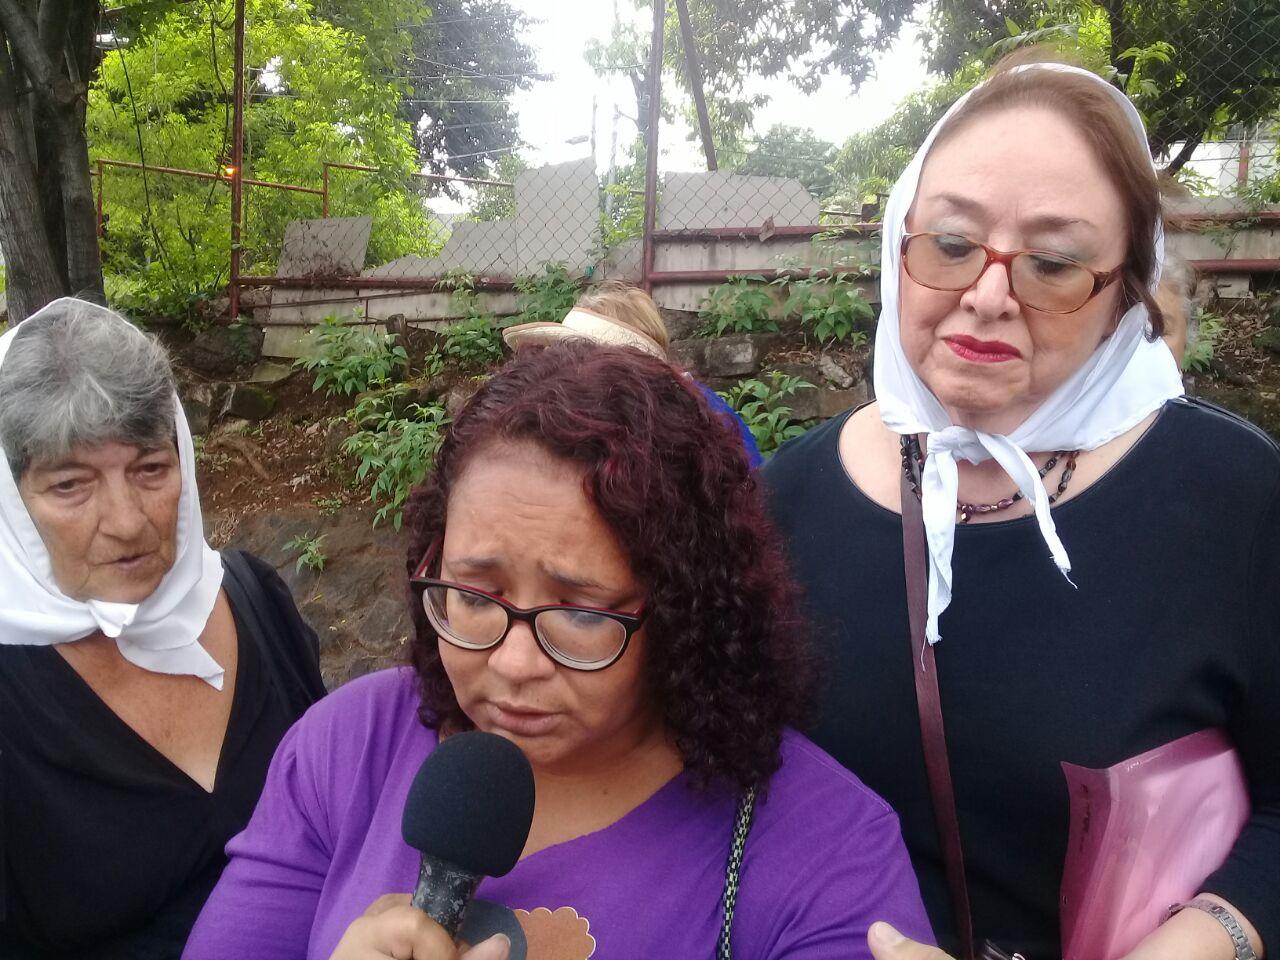 """Arlen Cerda leyendo la carta enviada por las """"Madres de la Plaza de Mayo de Argentina"""", quienes se solidarizan con las madres nicaraguenses que perdieron a sus hijos. Foto: A. Mogollón"""